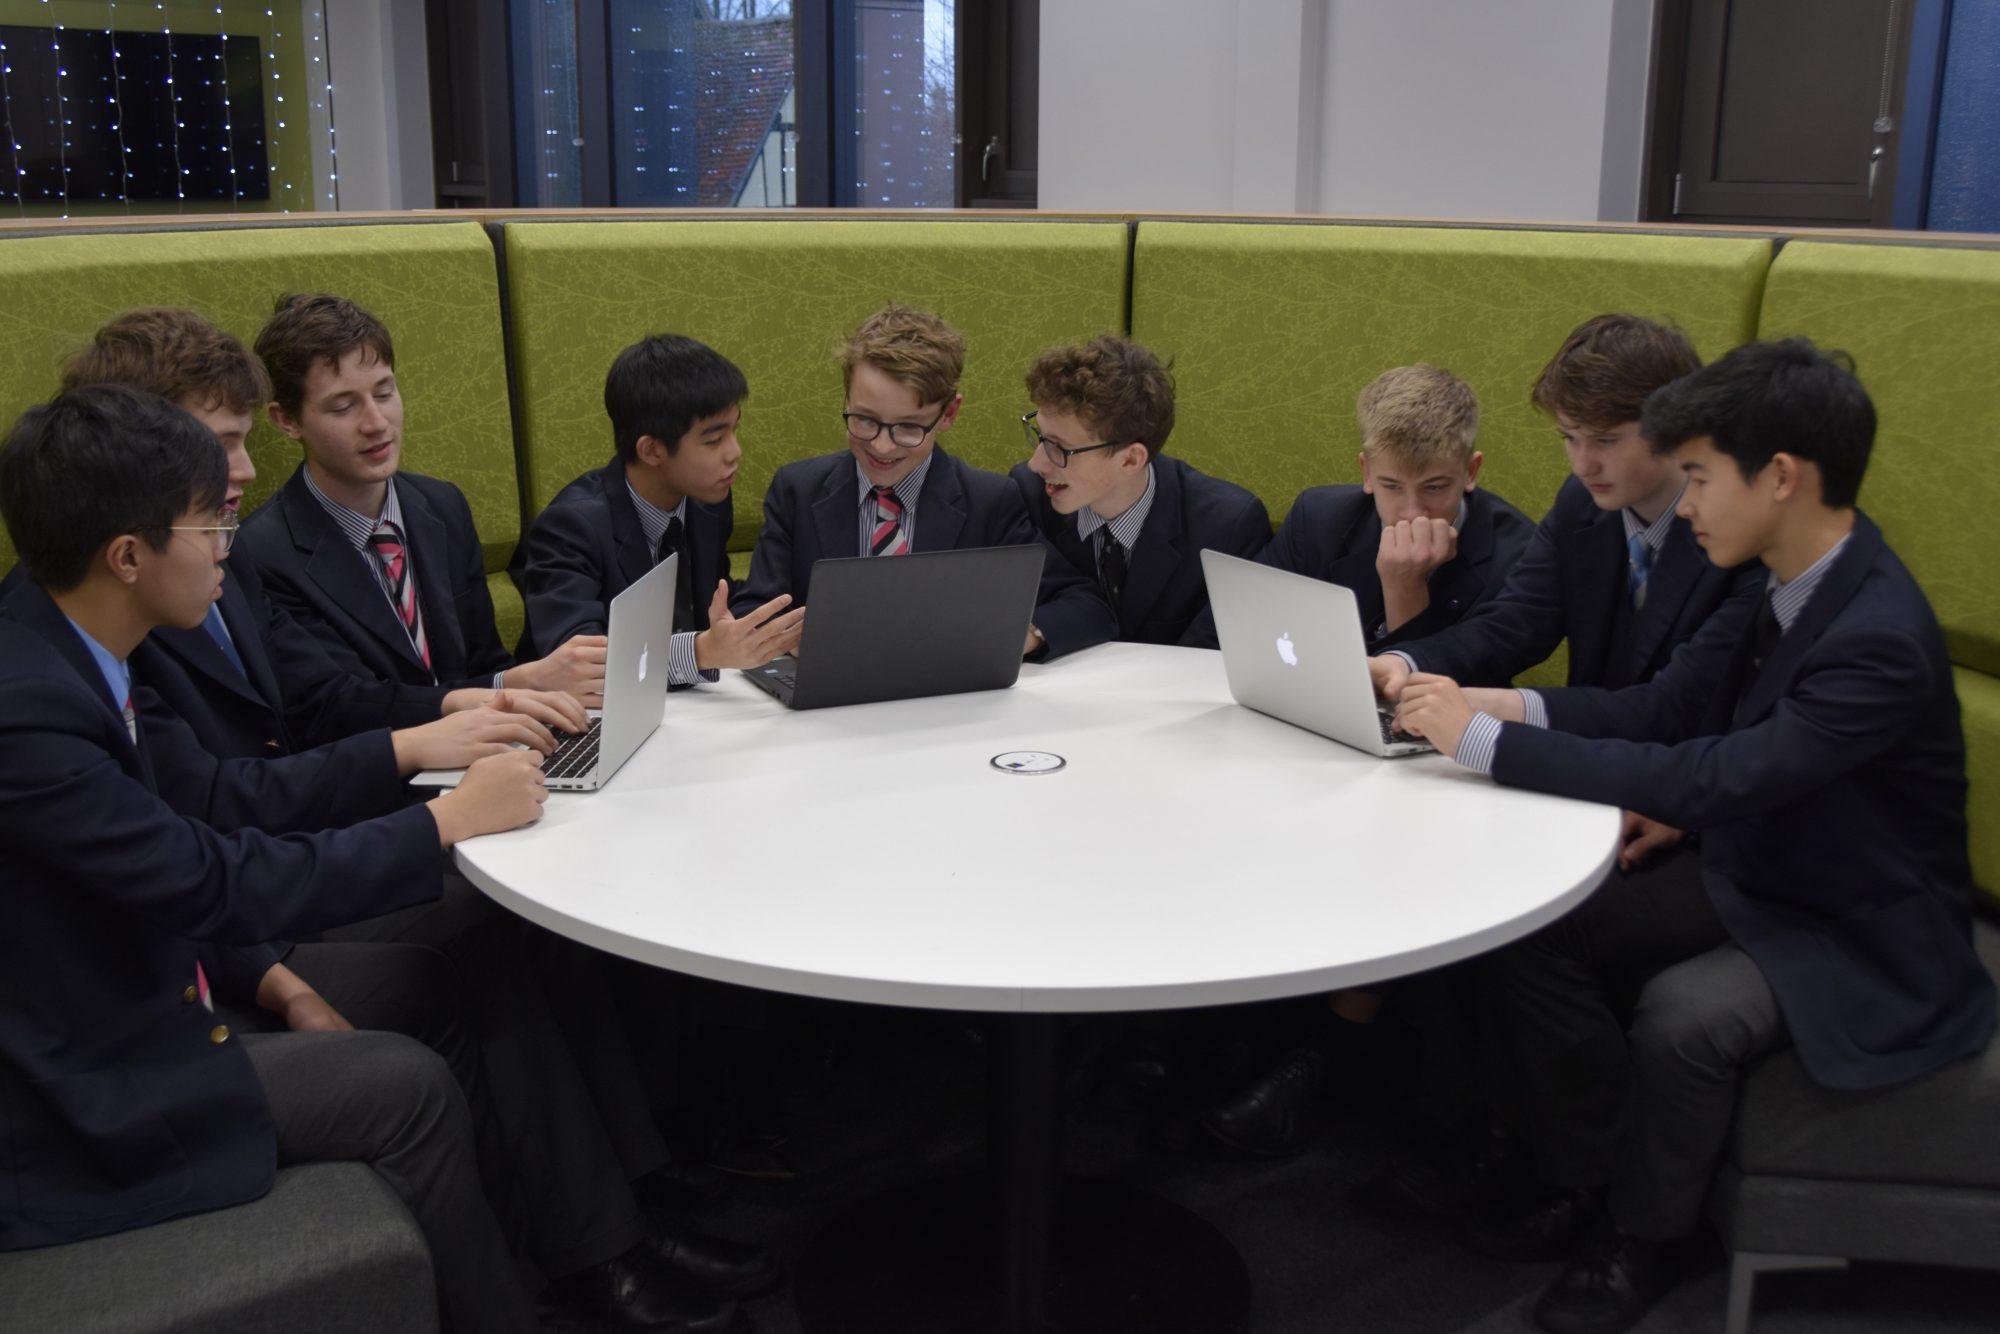 Abingdon School writing club